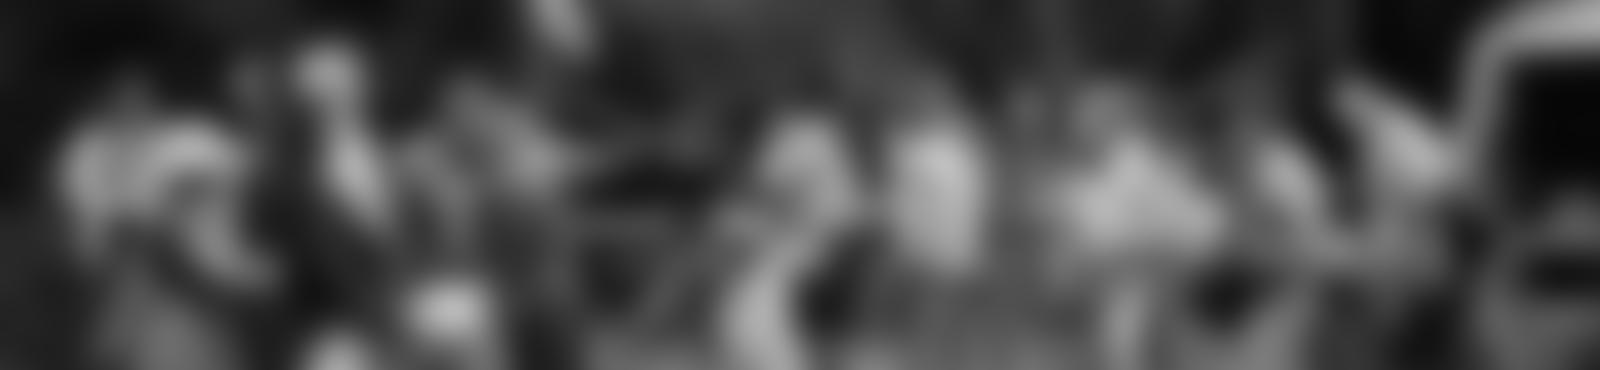 Blurred 2887831d 66f5 45a3 9918 9fce8dbda1d1